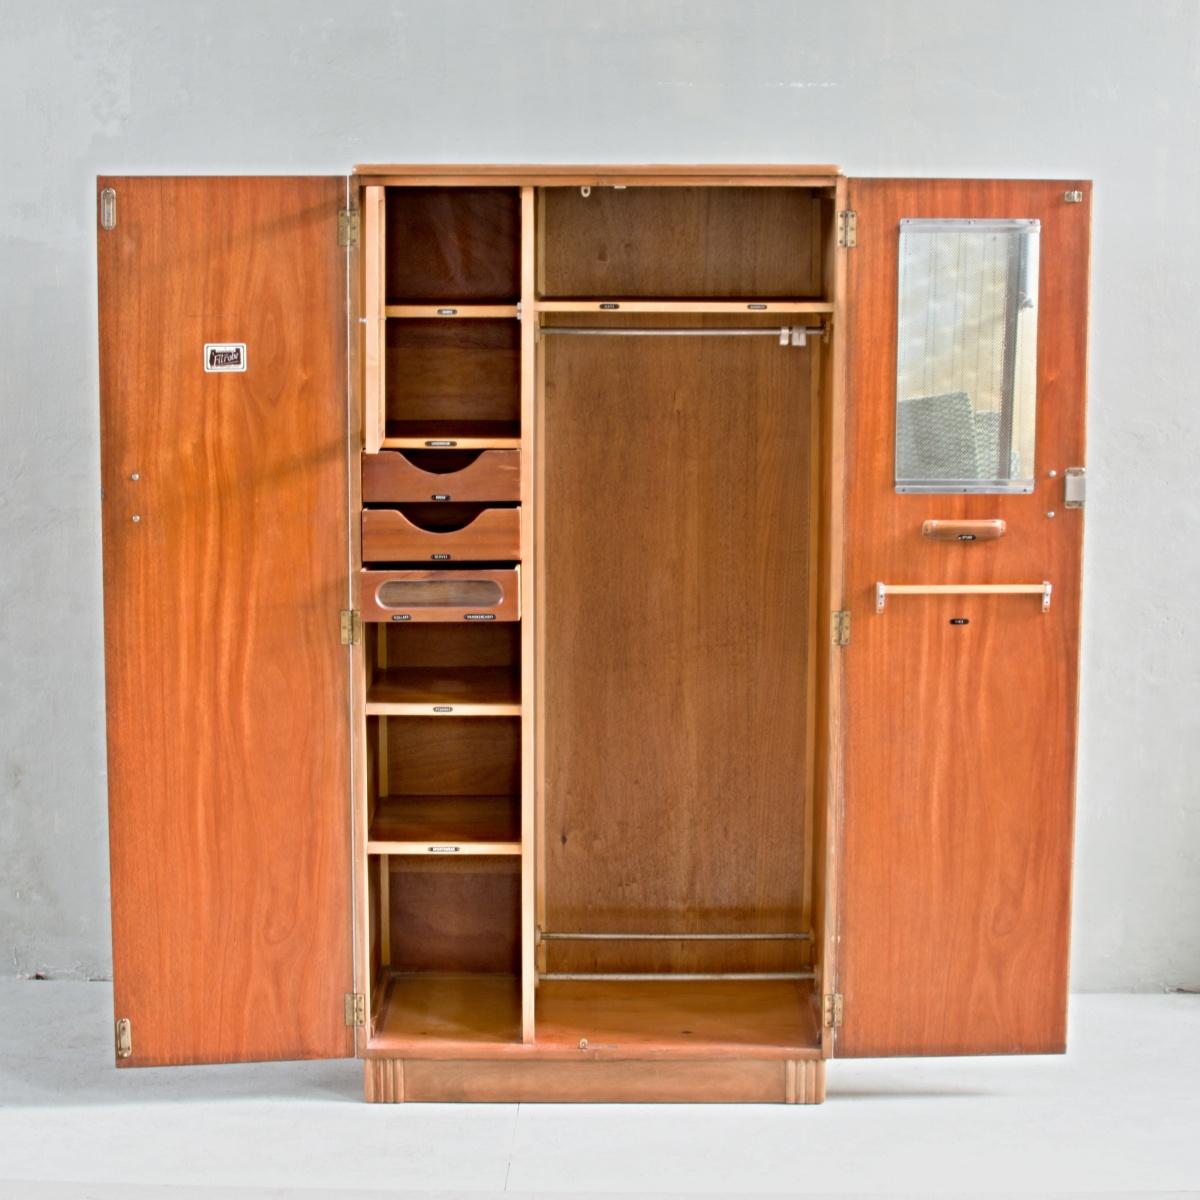 Anglická skříň Homeworthy Fitrobe by D.M. Davies of Slough, již zaniklý, nicméně vynikající výrobce nábytku